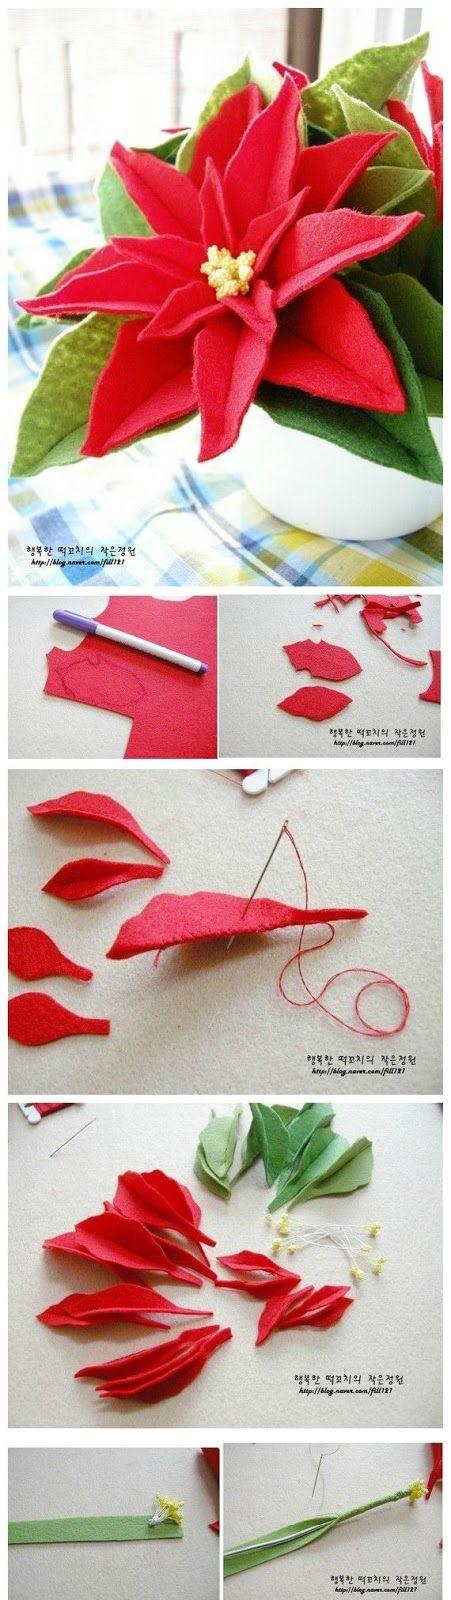 Come Costruire Una Stella Di Natale.Come Fare Una Stella Di Natale Con Feltro Christmas Pinterest